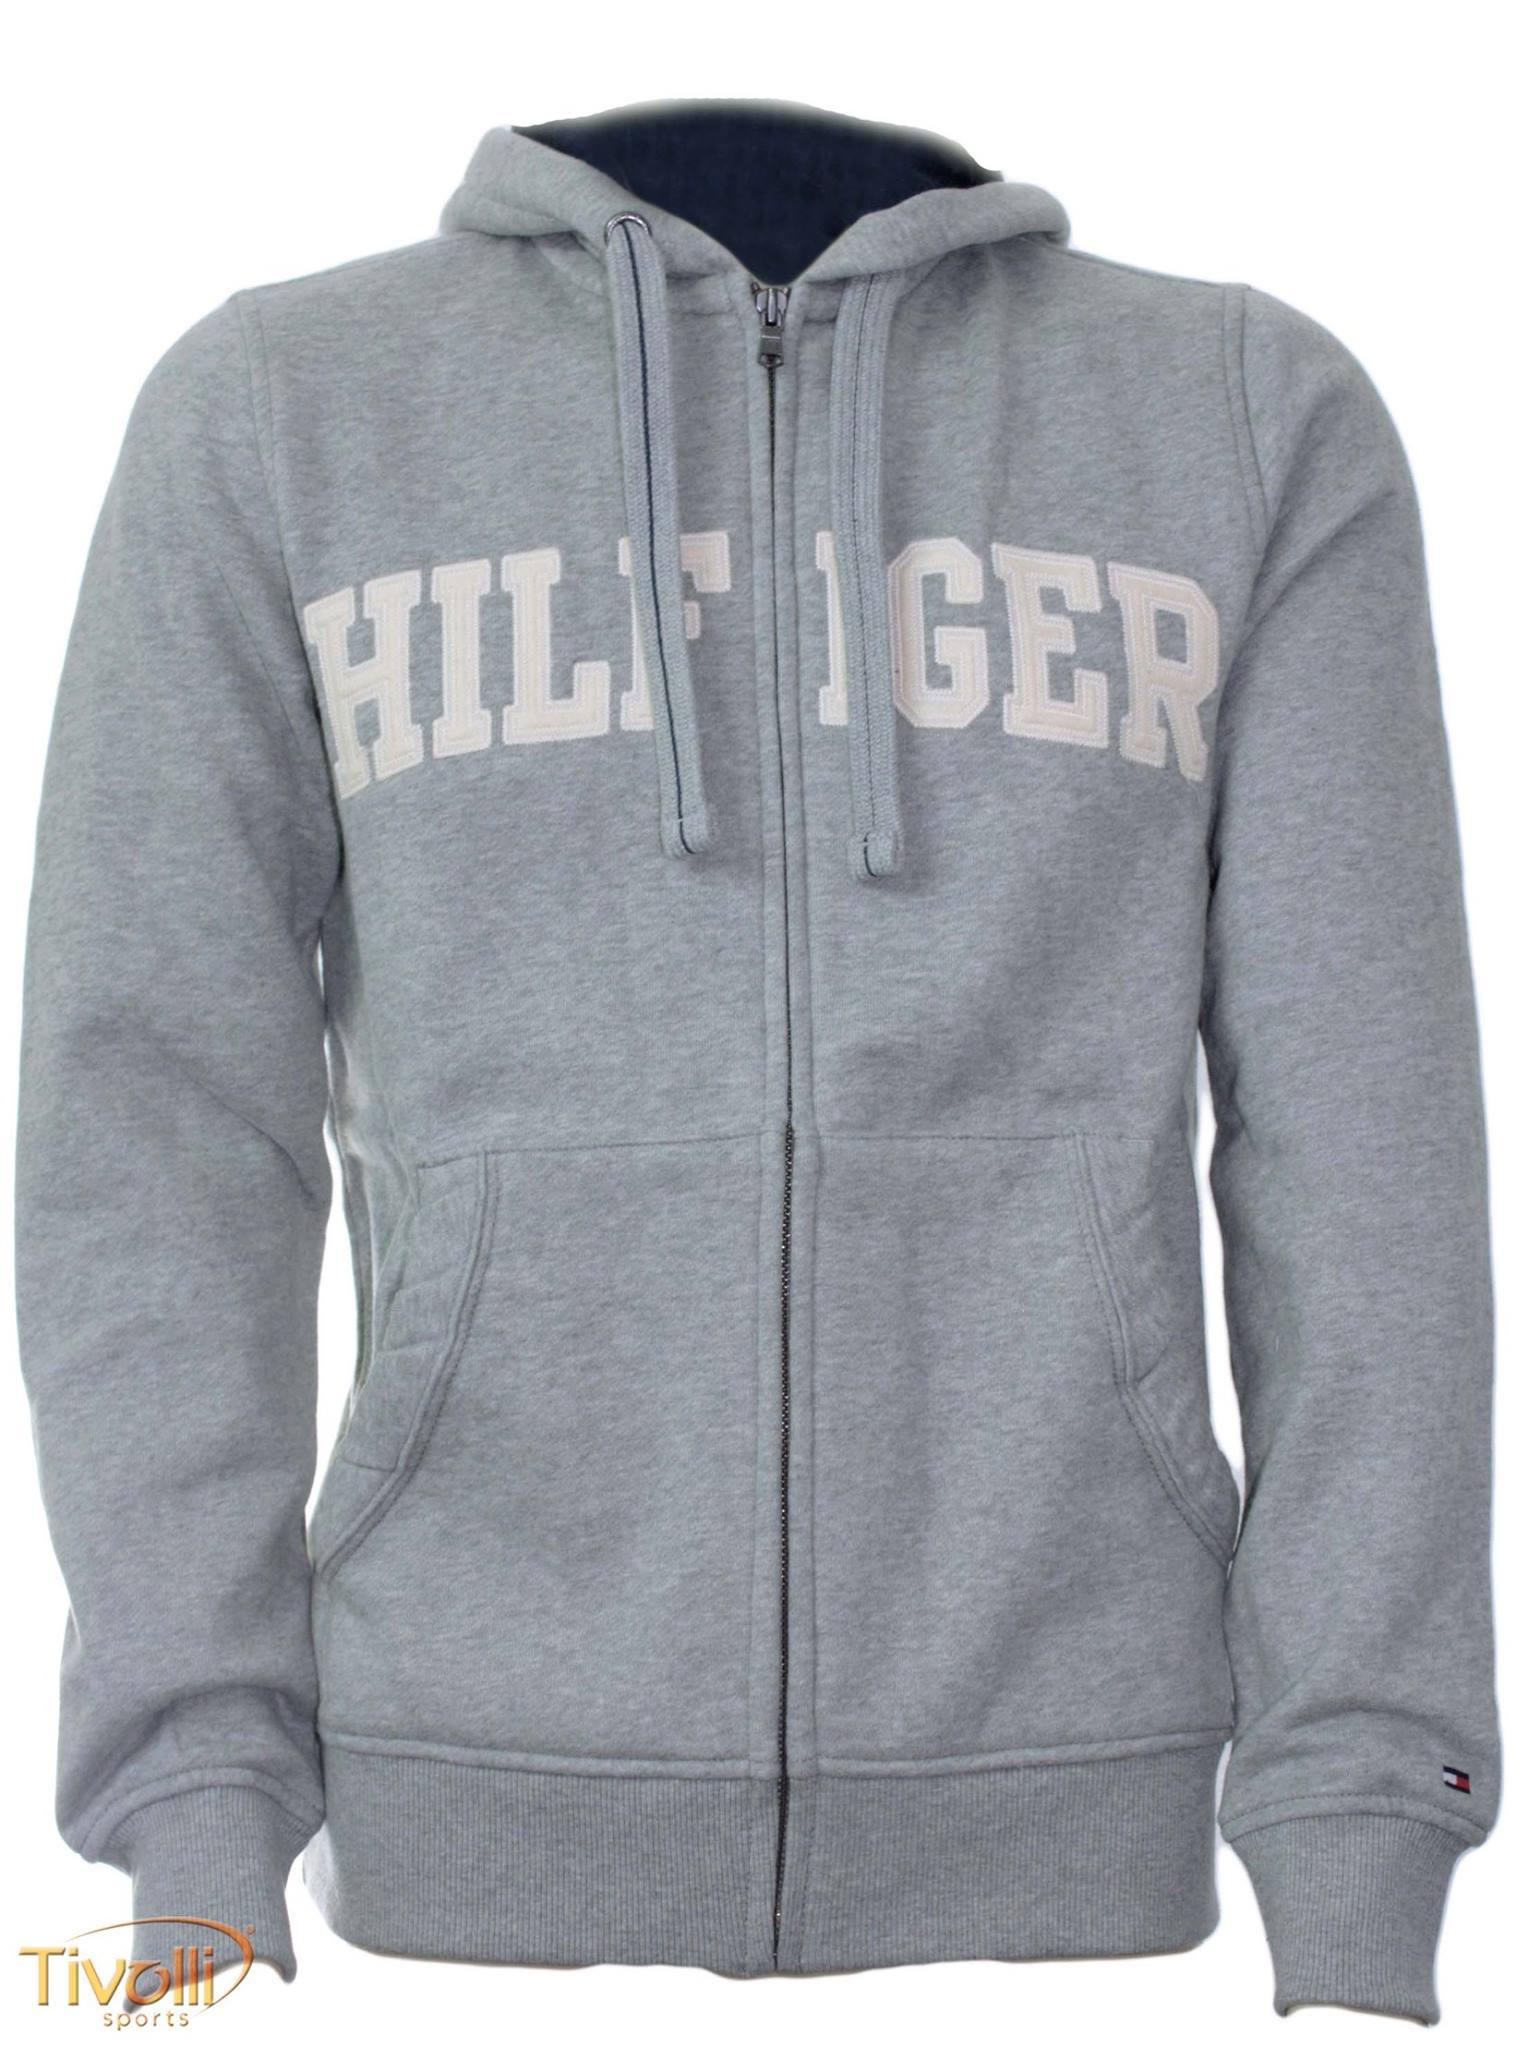 Blusa de Moletom Tommy Hilfiger   Masculina cinza mescla com ziper e ... f2813e6125792